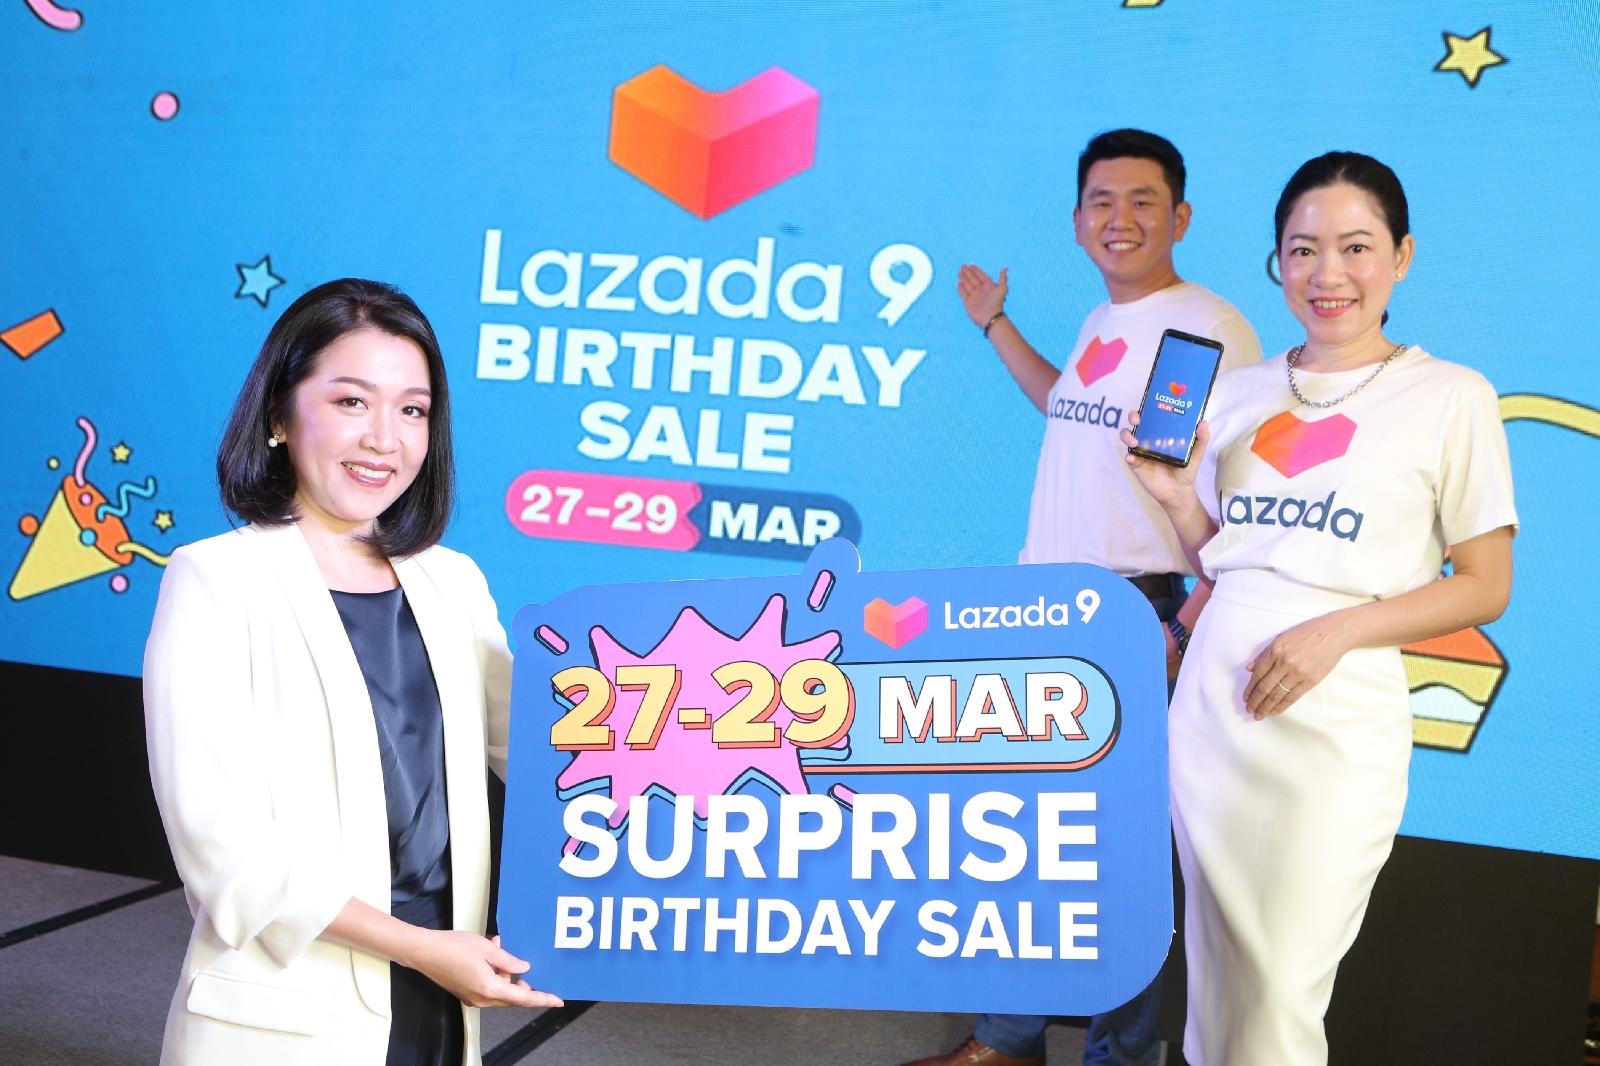 Lazada จุดพลุฉลองครบรอบ 9 ปี เผยความสำเร็จด้วยยอดผู้ใช้งานพุ่ง 100 ล้านรายต่อปีชูกลยุทธ์สร้างการเติบโตทางธุรกิจเพื่อก้าวต่อไปอย่างยั่งยืน